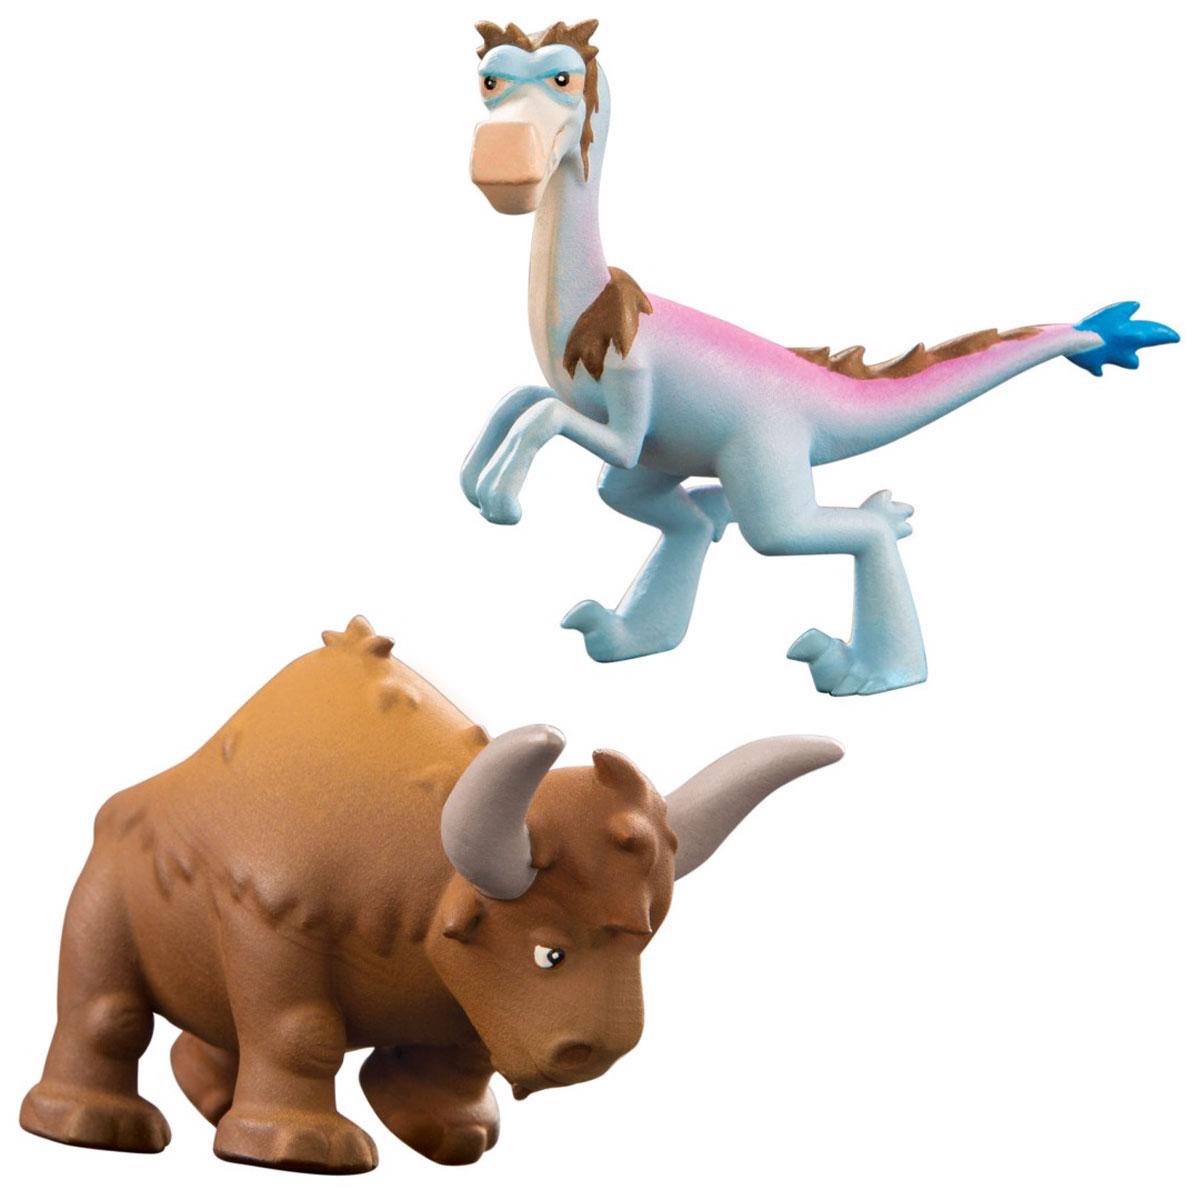 Хороший динозавр Набор фигурок Кеттл и Бабба62305Набор фигурок Хороший динозавр Кеттл и Бабба состоит из двух фигурок: велоцираптора Баббы и длиннорогого быка по имени Кеттл. Фигурки прекрасно детализированы, в точности похожи на своих героев из мультика. Изготовлены из высококачественных нетоксичных материалов, абсолютно безопасных для вашего малыша. По сюжету мультфильма Хороший динозавр Бабба - коварный предводитель шайки рапторов. Кеттл - бык-бизодон из стада тираннозавра Бутча. Сила рапторов в их стратегии: они нападают группой. Но и длиннорогие быки не так просты и неповоротливы, какими кажутся! Набор поможет разыграть увлекательные сцены противостояния раптора и быка. Кто победит? Ваш ребенок часами будет играть с такой игрушкой, придумывая различные истории.